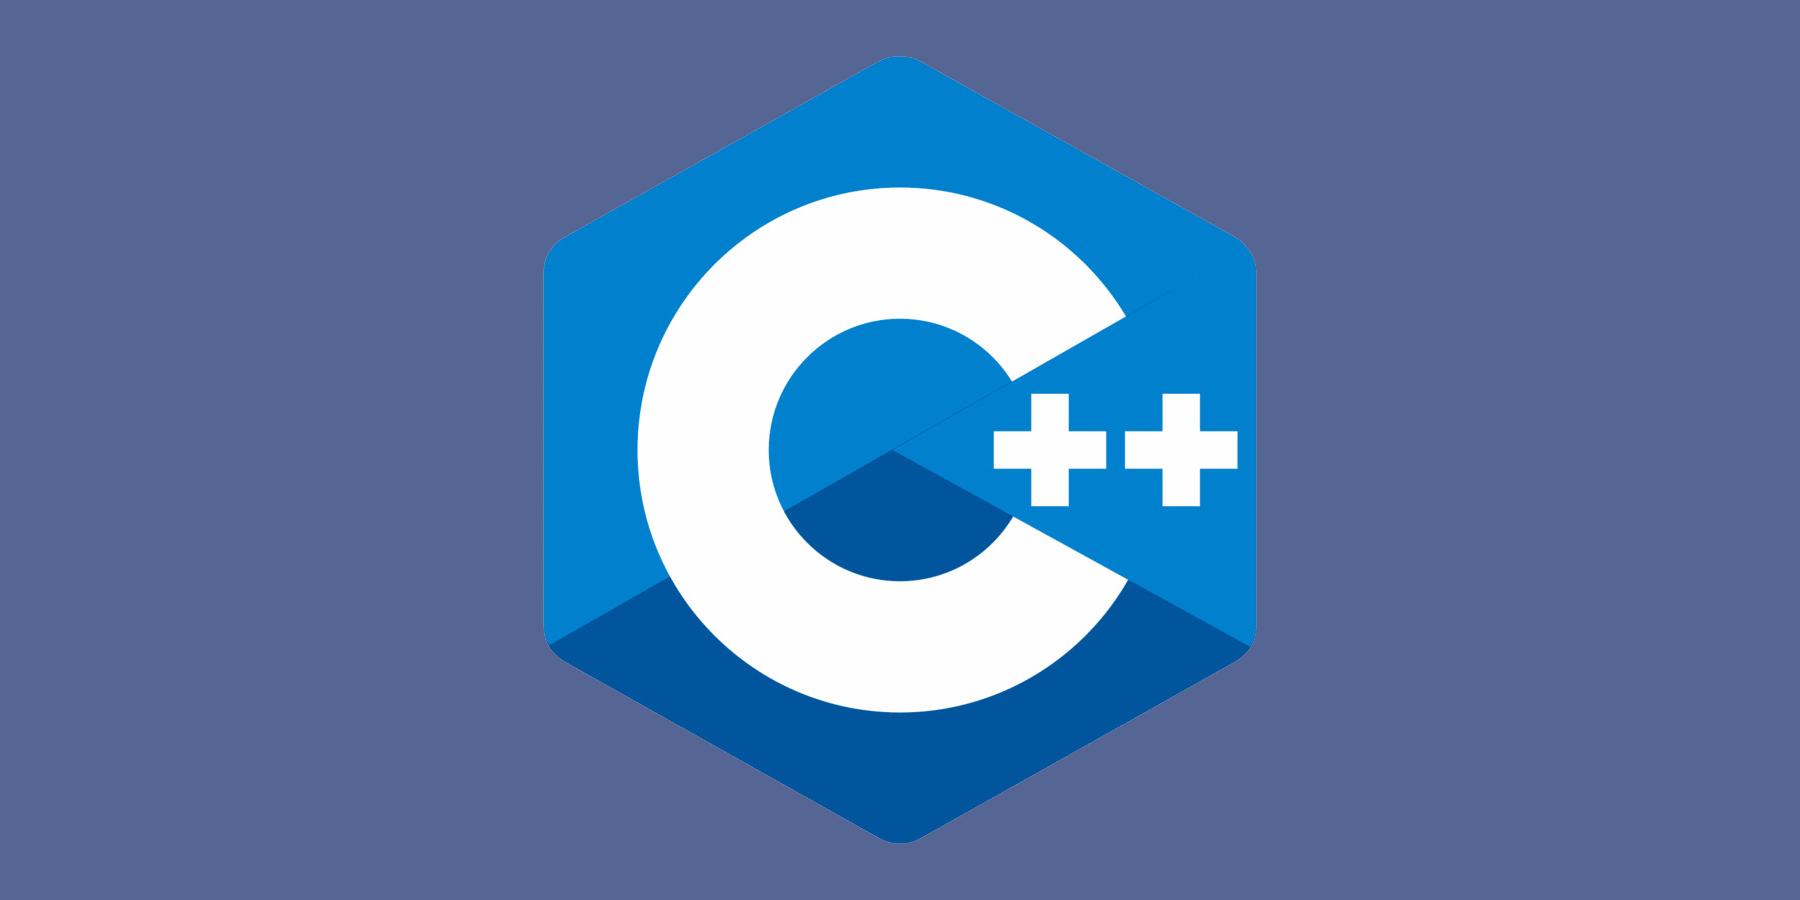 Основы C++ для начинающих программистов: вводный видеокурс